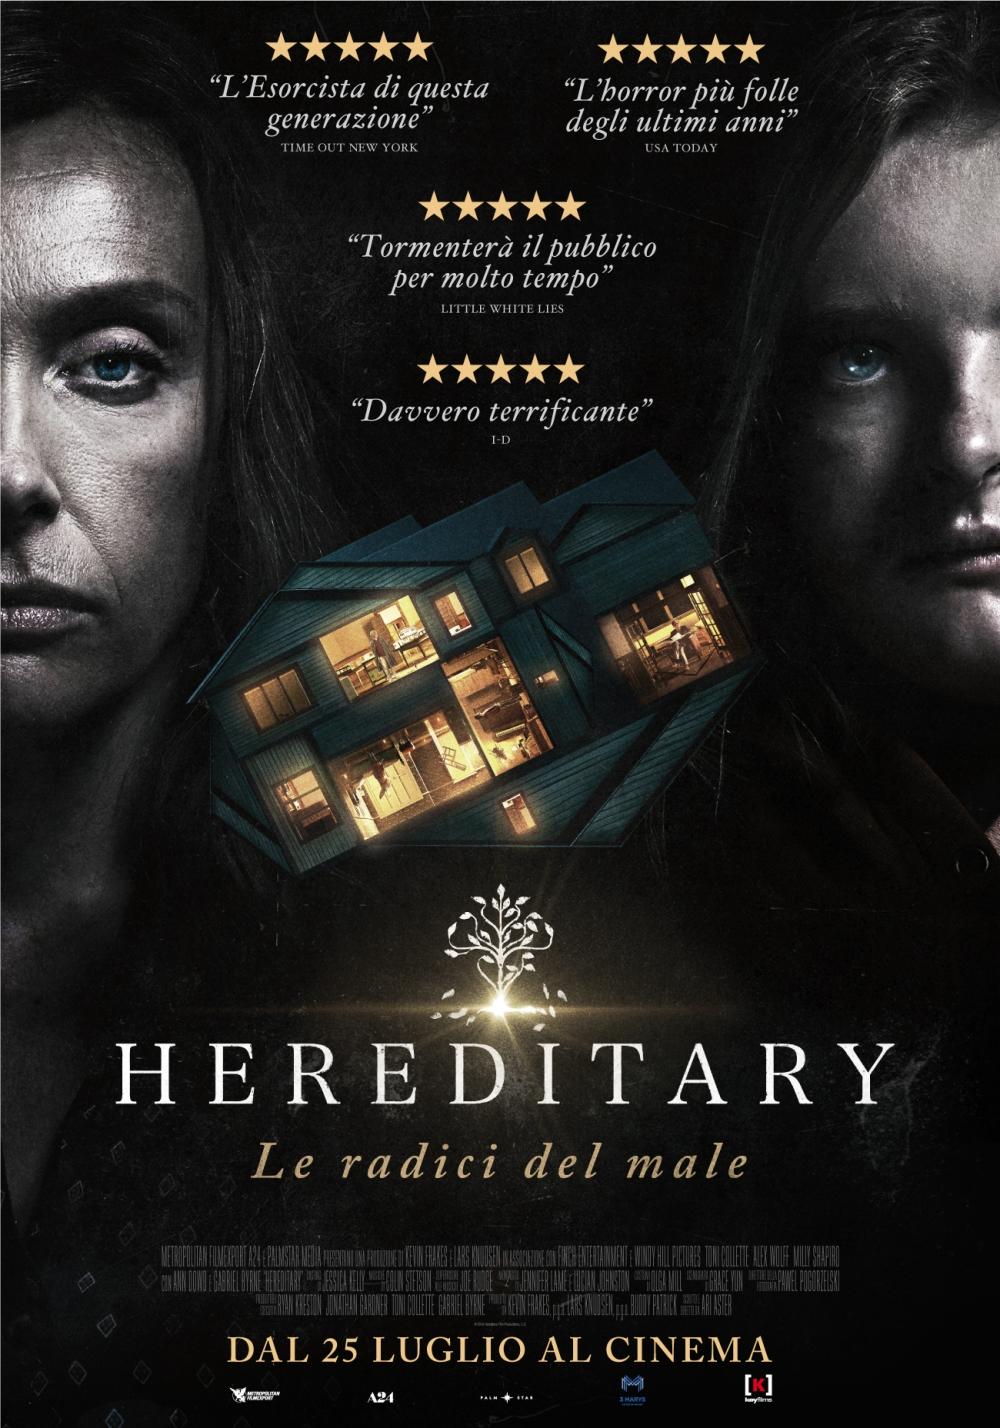 HEREDITARY-Poster.jpg